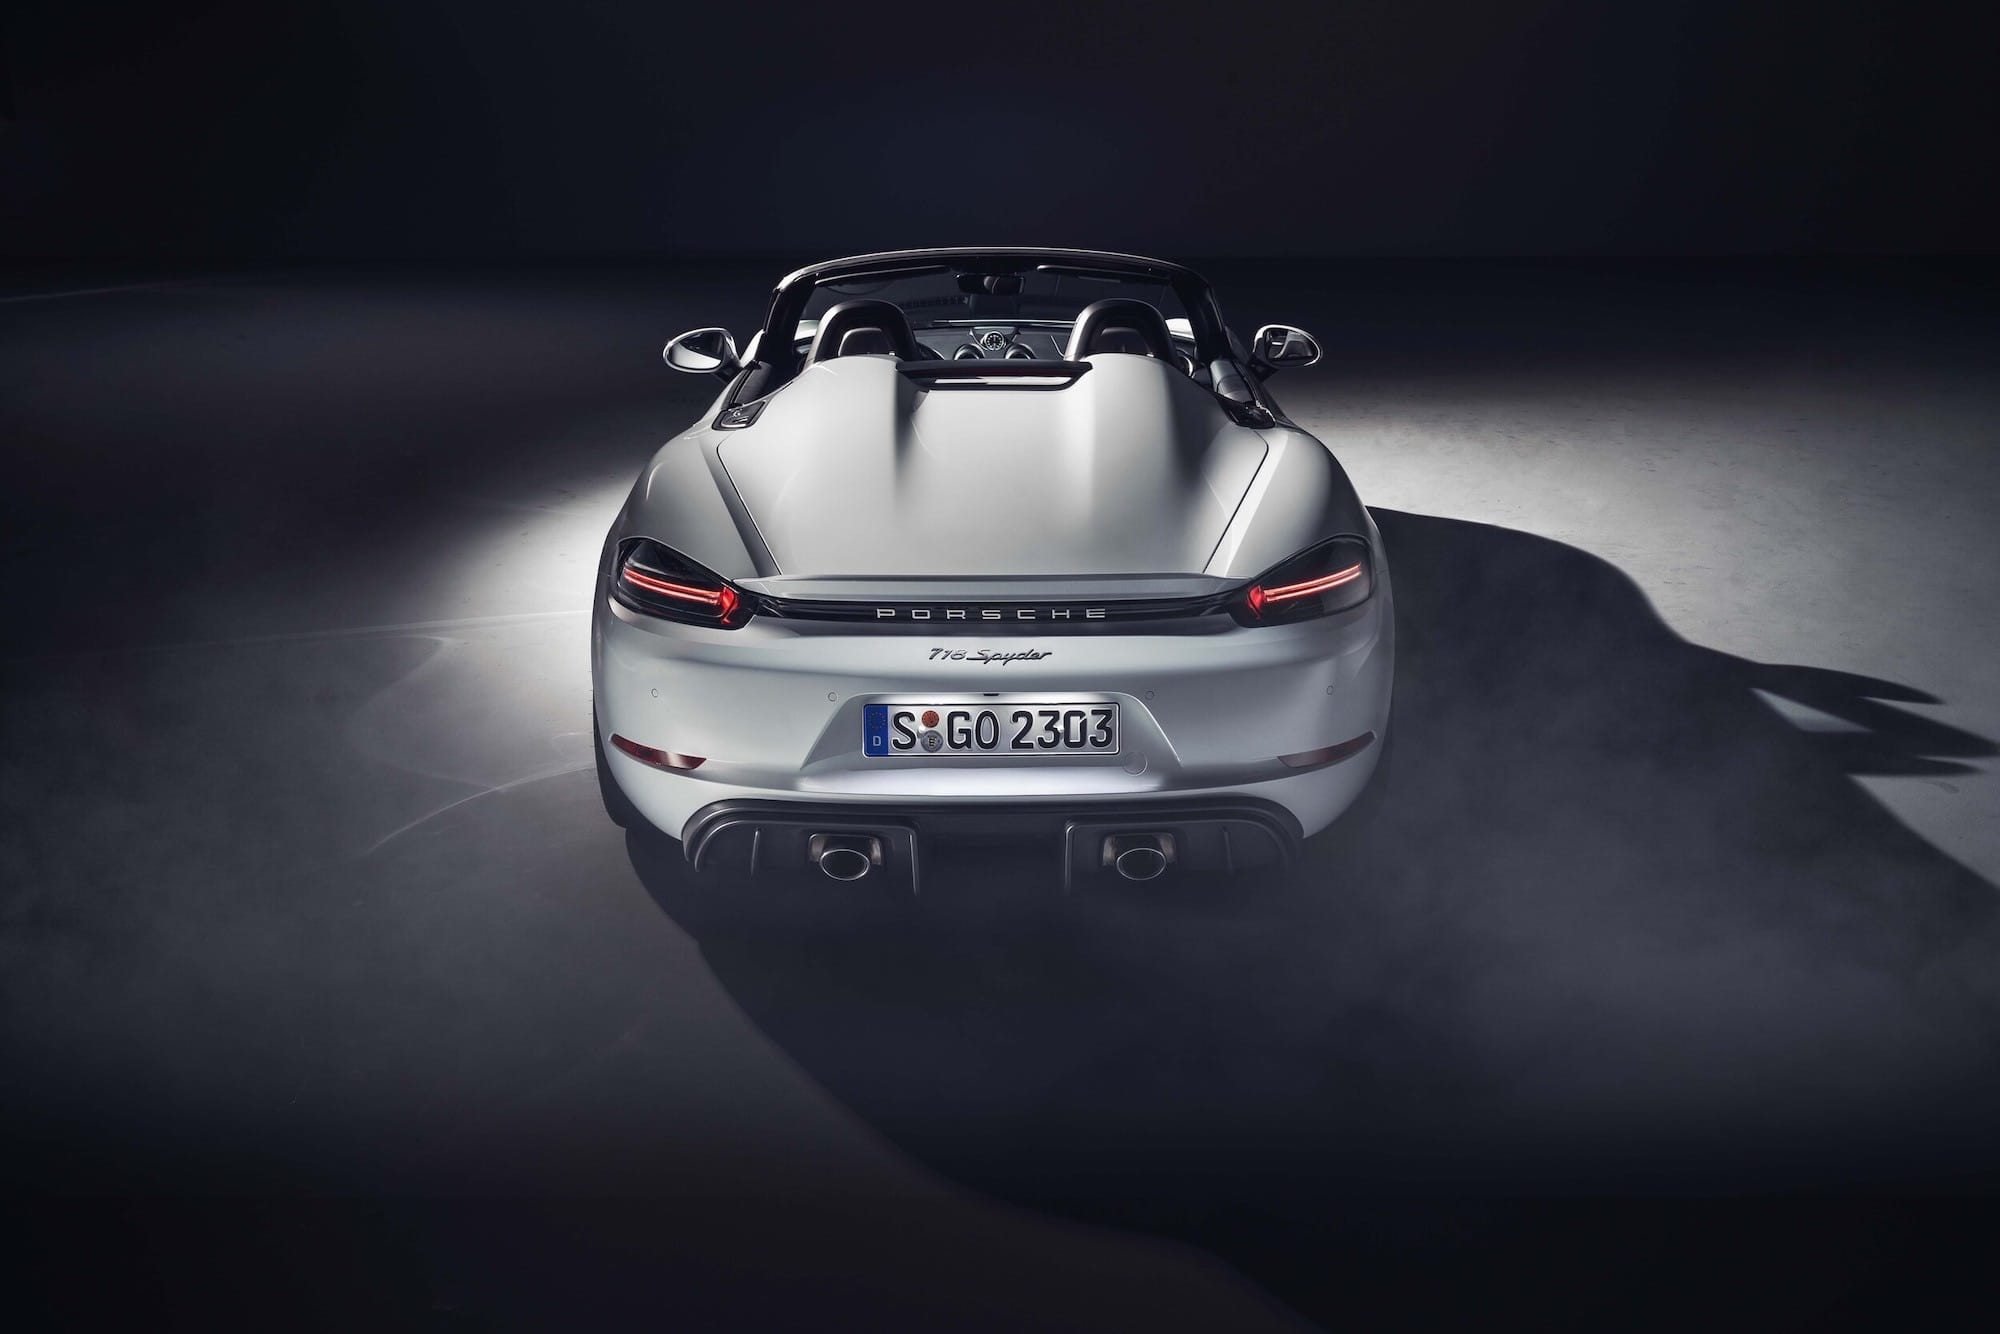 Porsche 718 Spyder Hd Wallpapers Wallpaper Cave